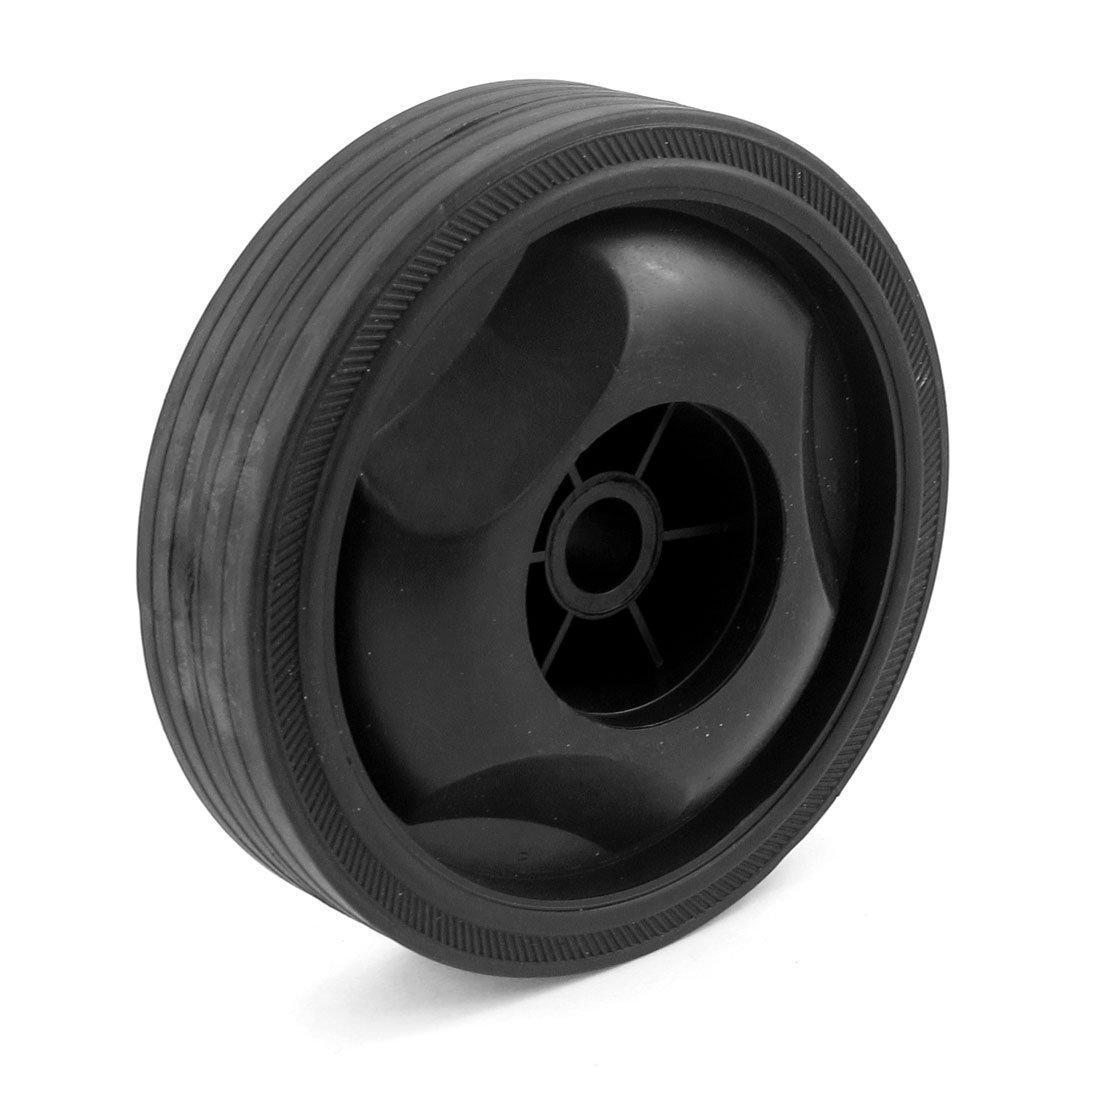 Plá stico Negro 16mm Soporte Agujero Bomba del Compresor De Aire Rueda sourcingmap a13070400ux0510